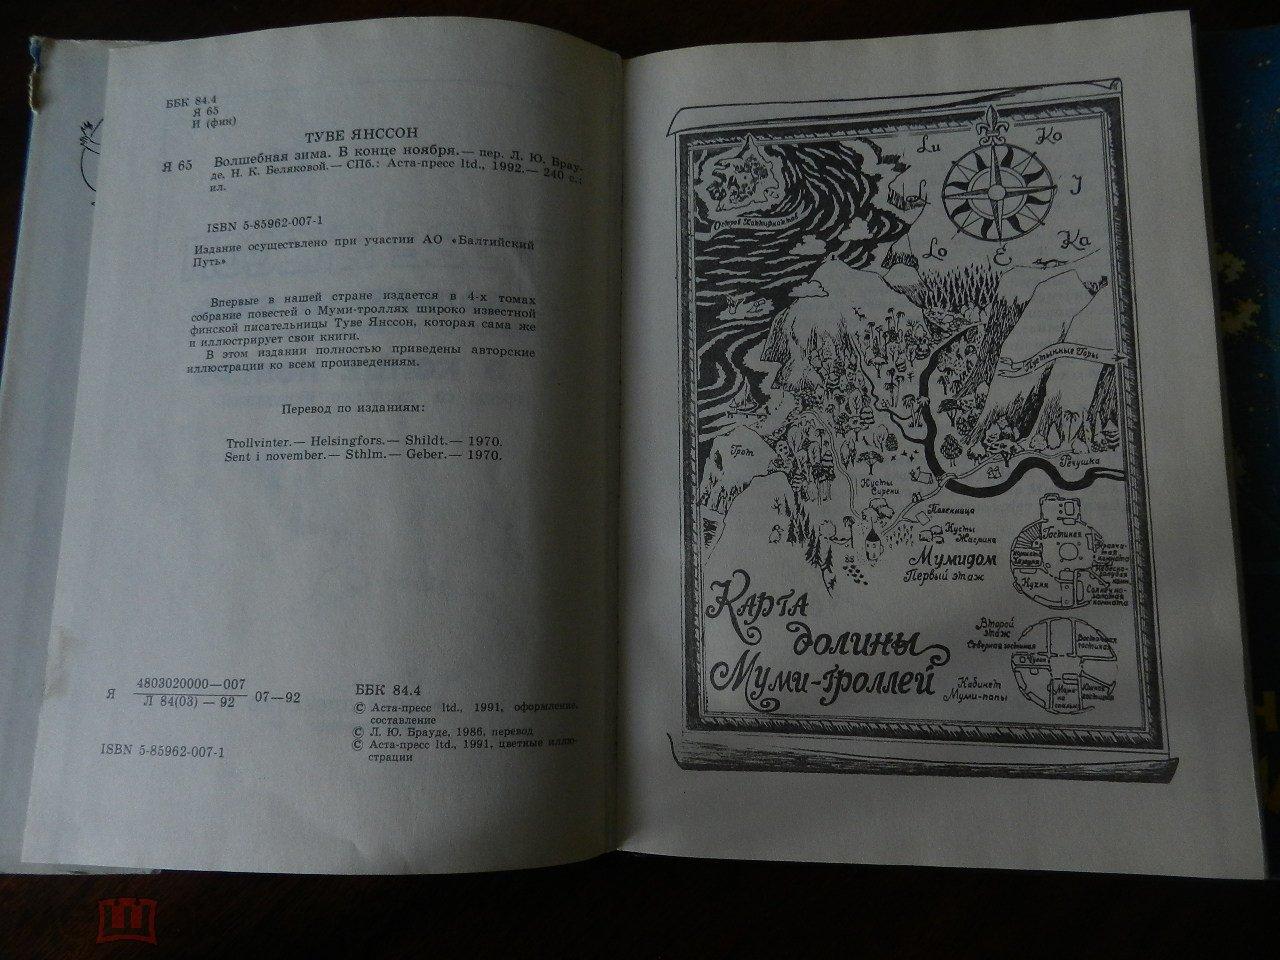 Янссон Муми - тролли собрание 3 тома ( 3 книги ) 1991